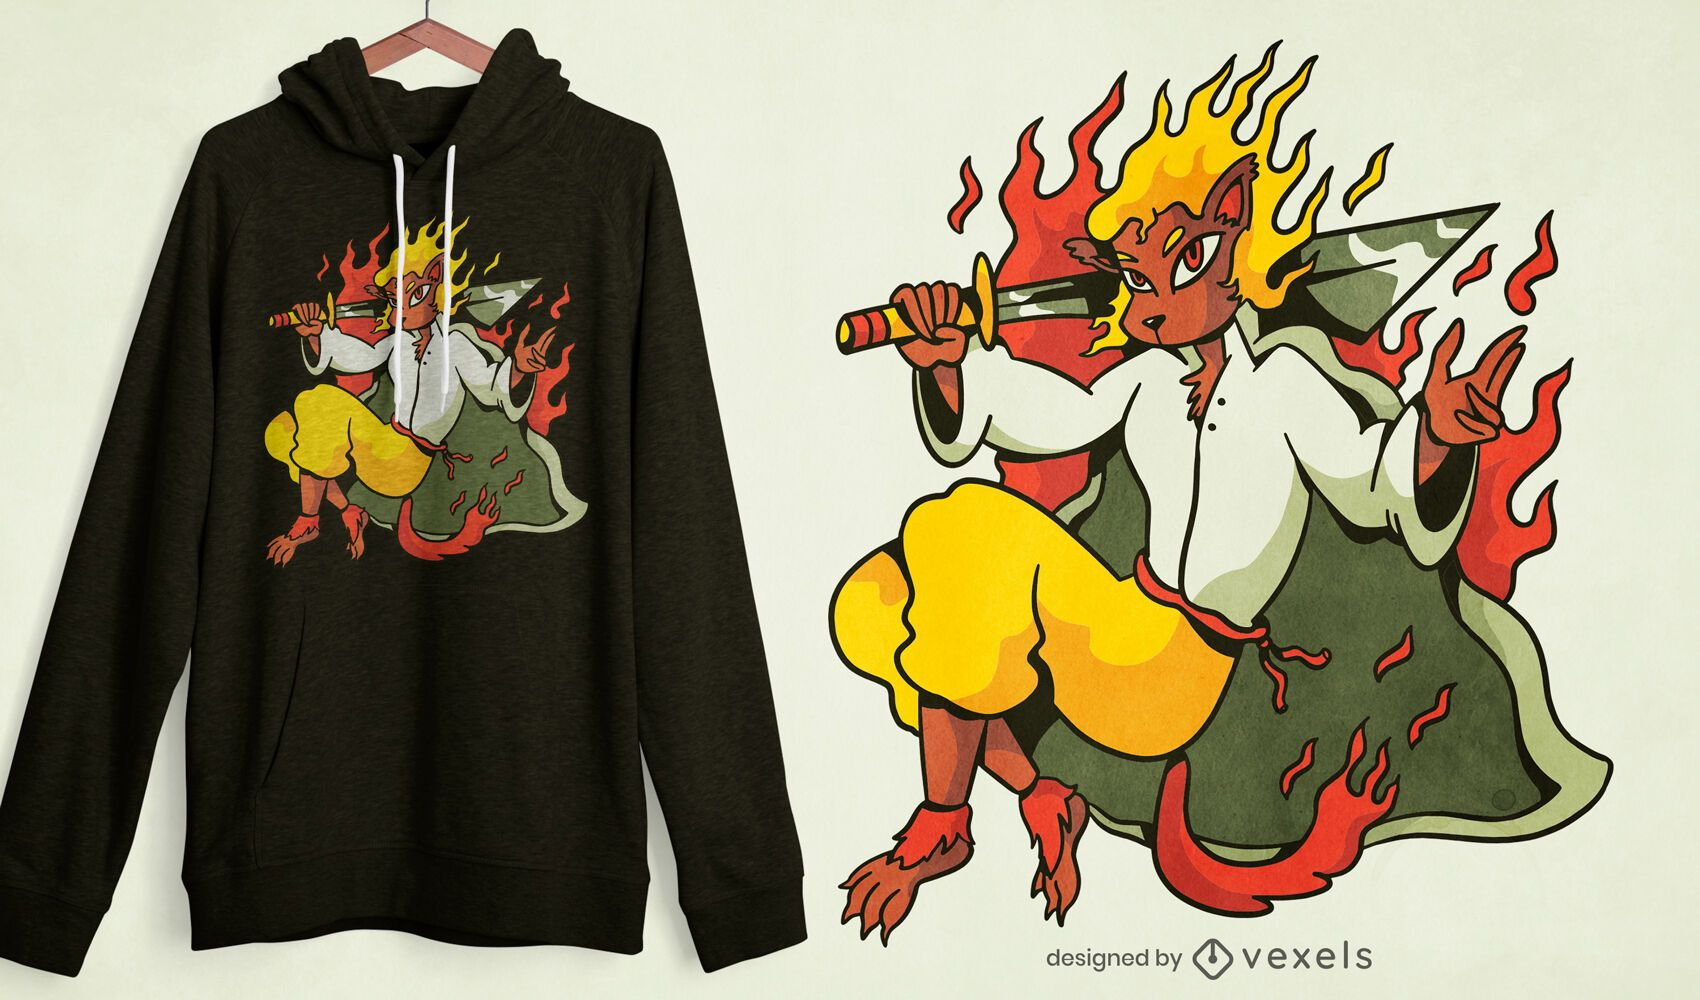 Fire leon warrior t-shirt design